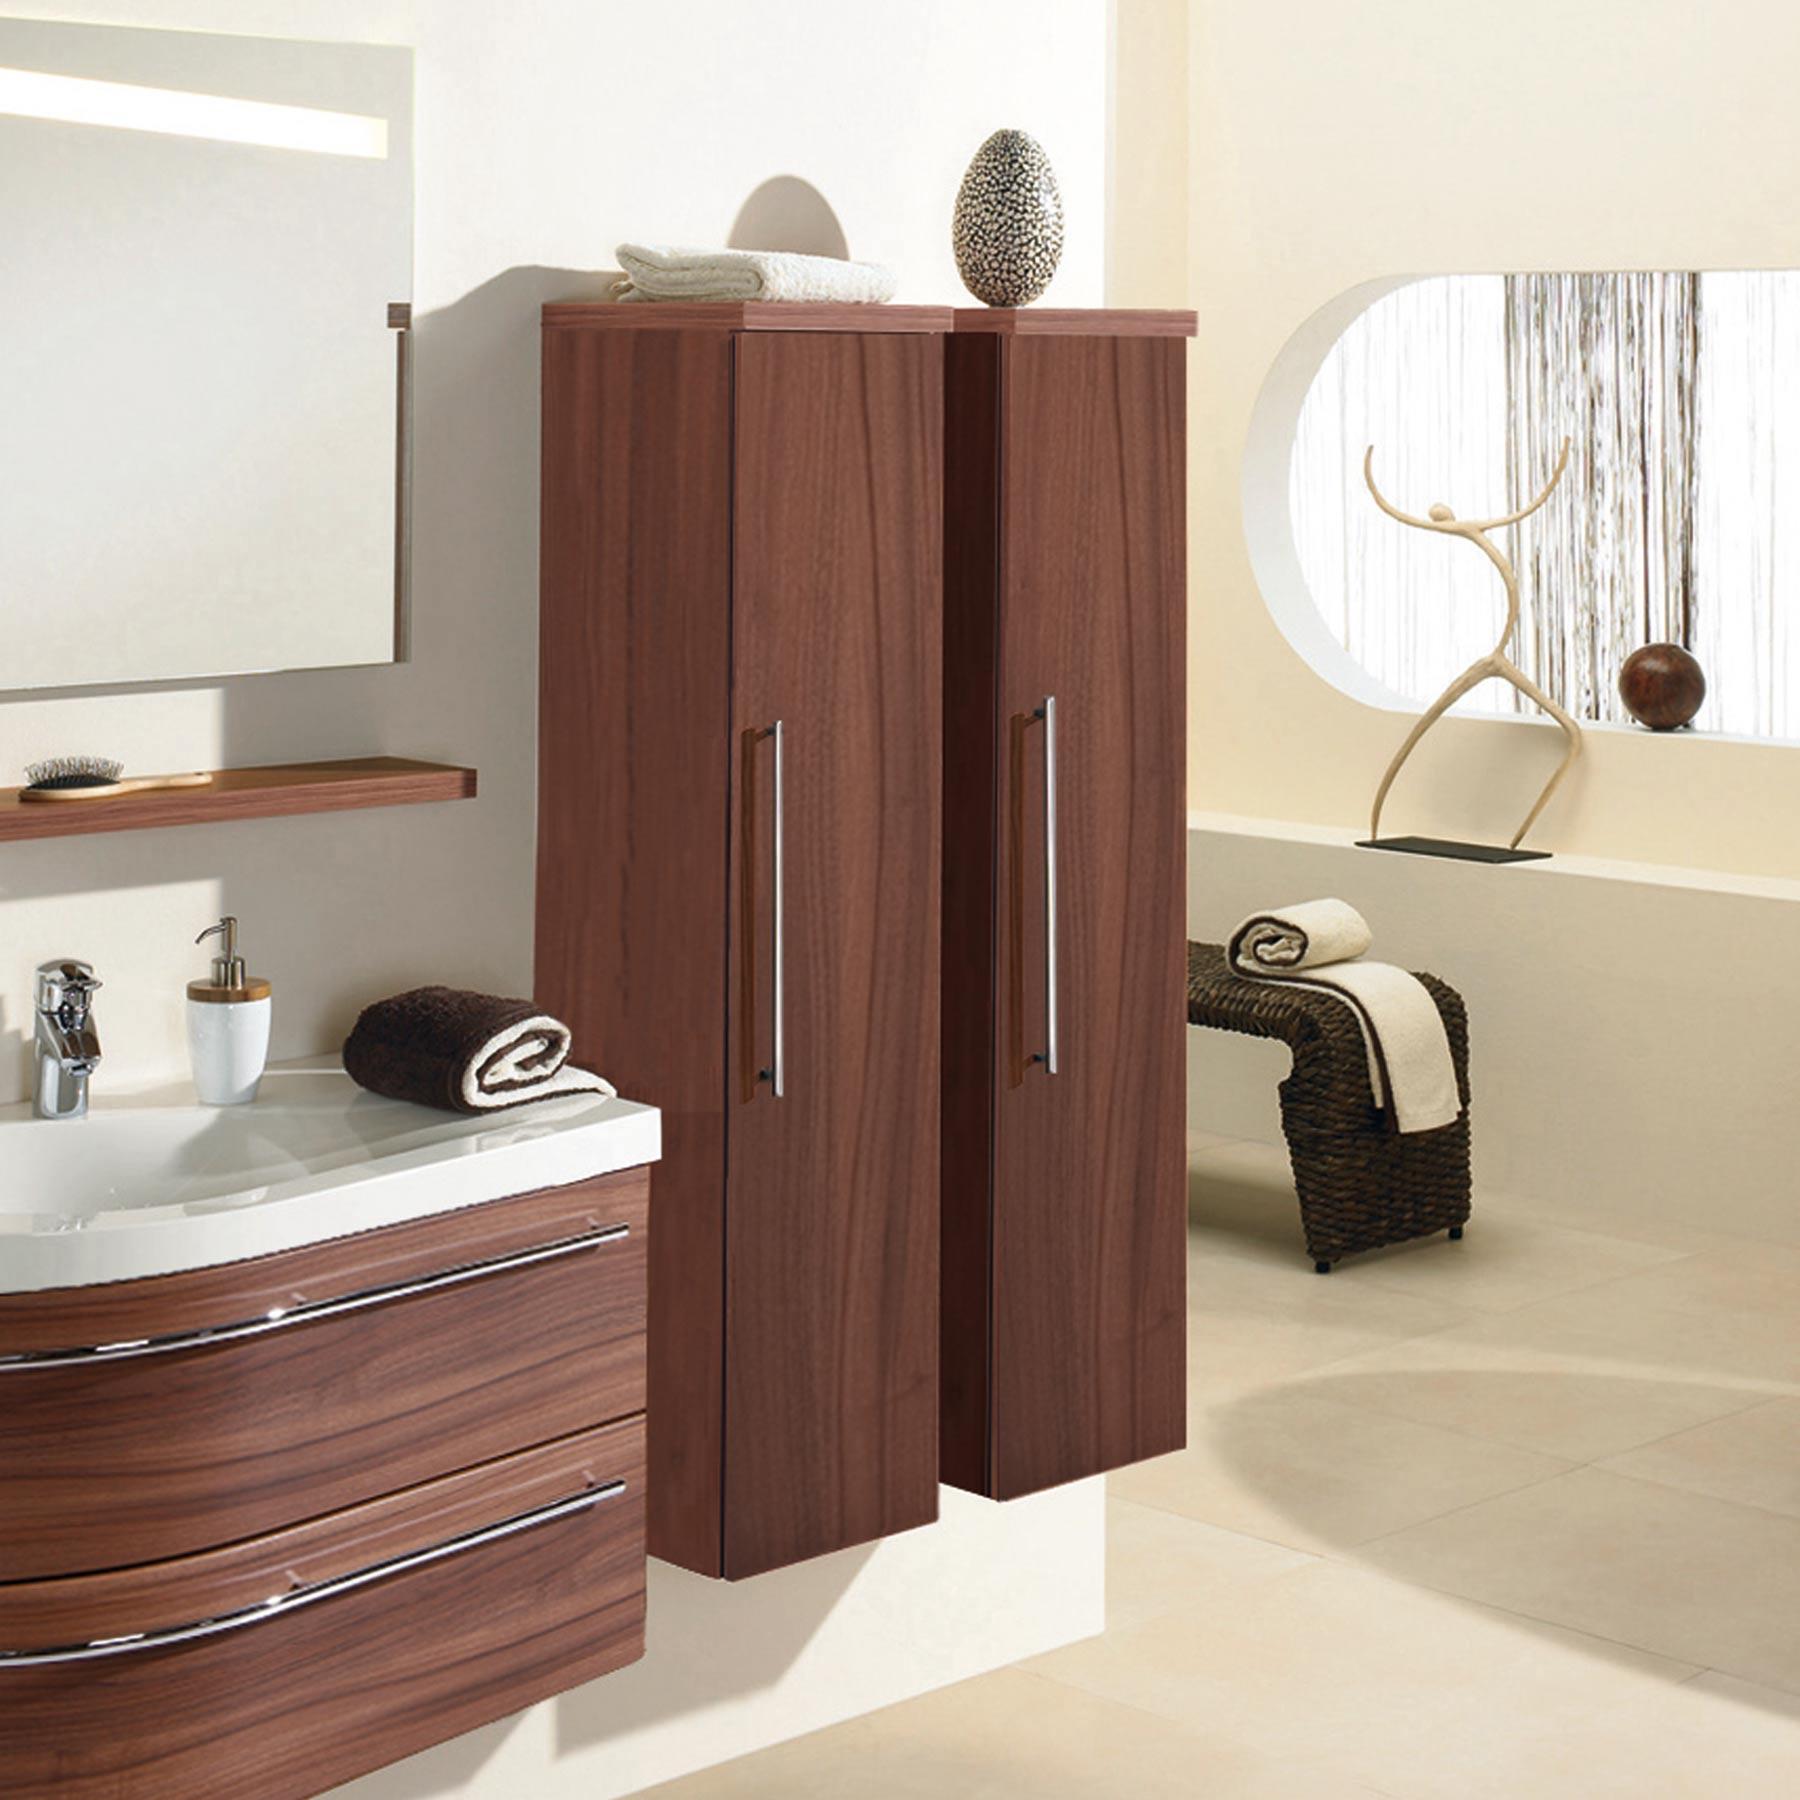 colonnes et armoires meubles de salle de bains. Black Bedroom Furniture Sets. Home Design Ideas